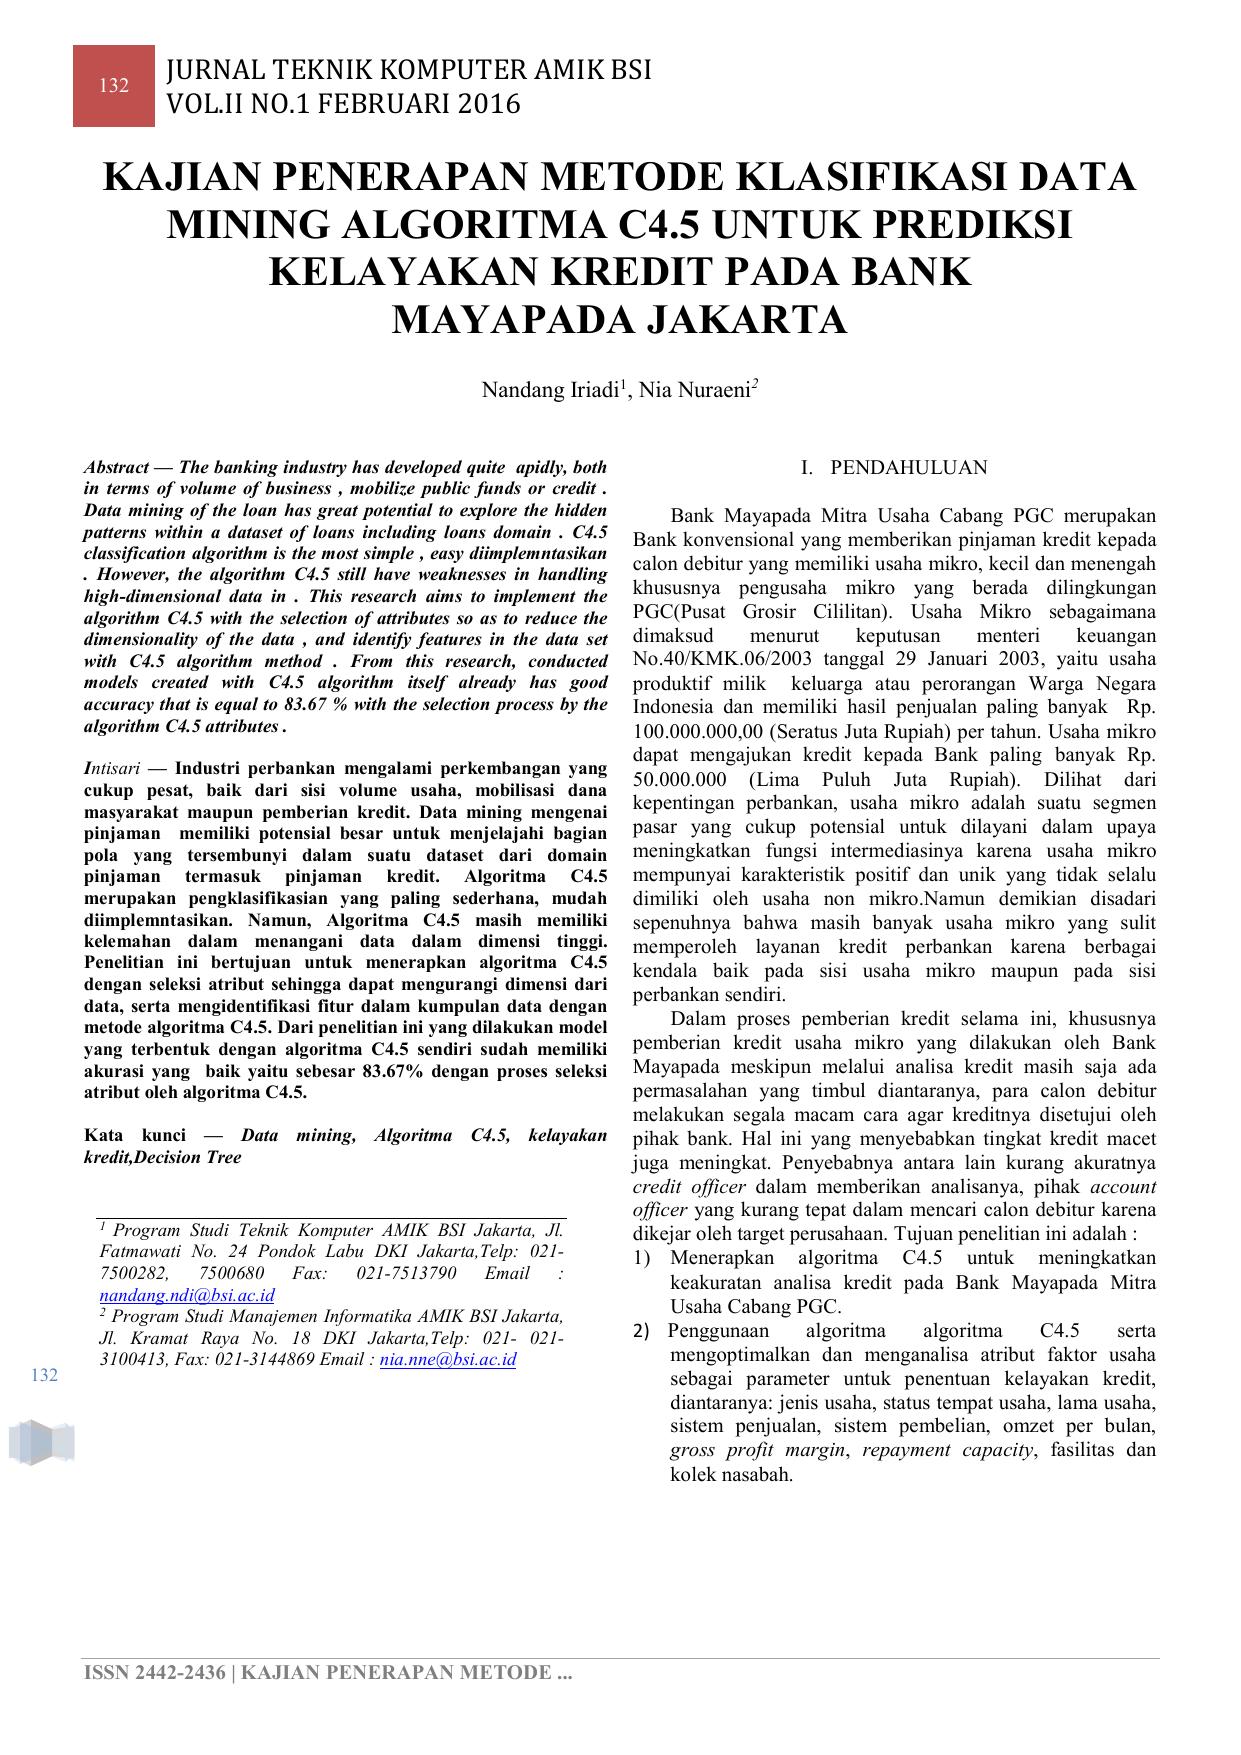 Kajian Penerapan Metode Klasifikasi Data Mining E